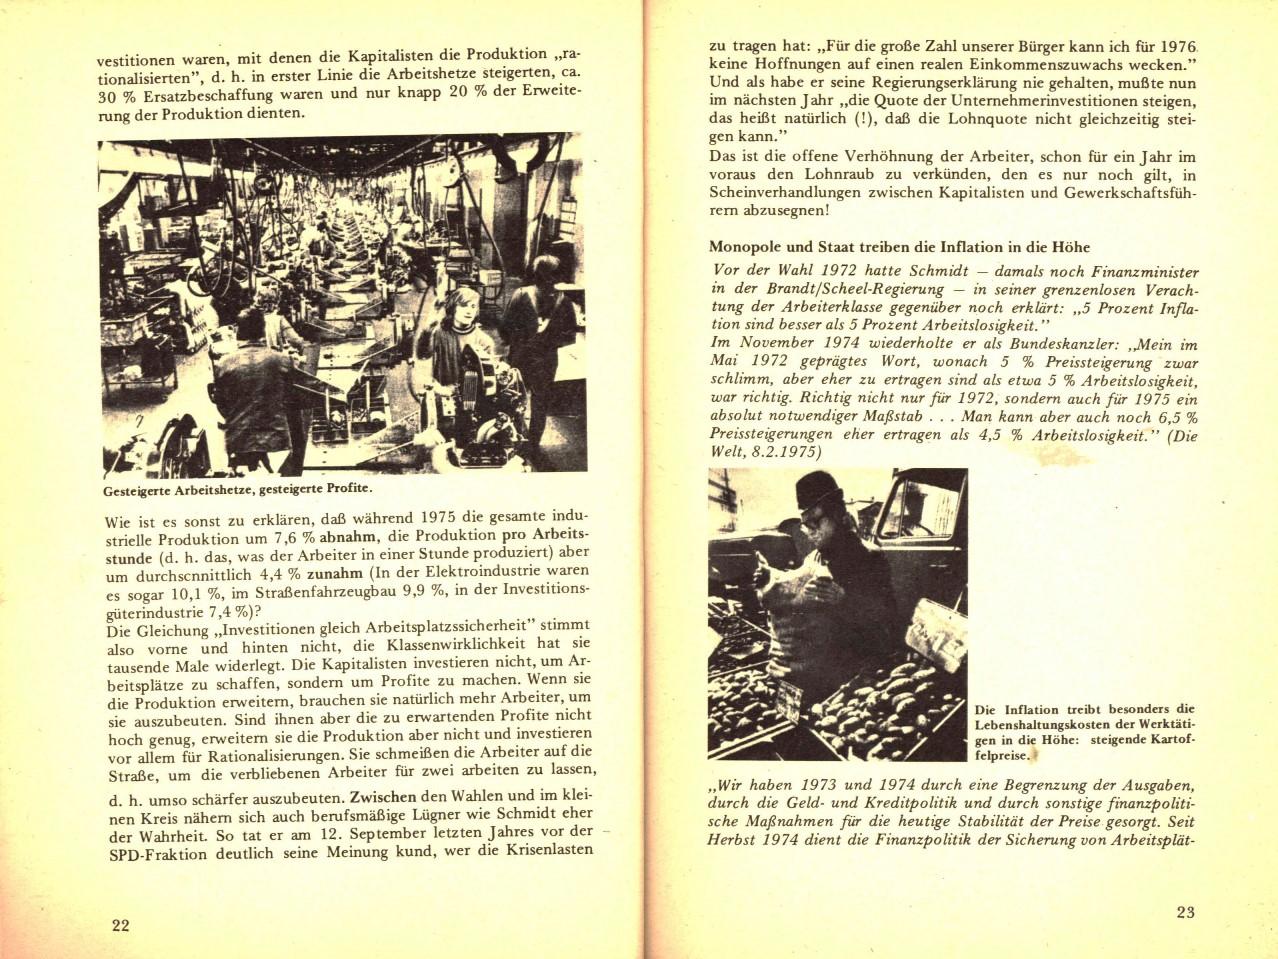 KPDAO_1976_Agitationsbroschuere_zur_BTW_13